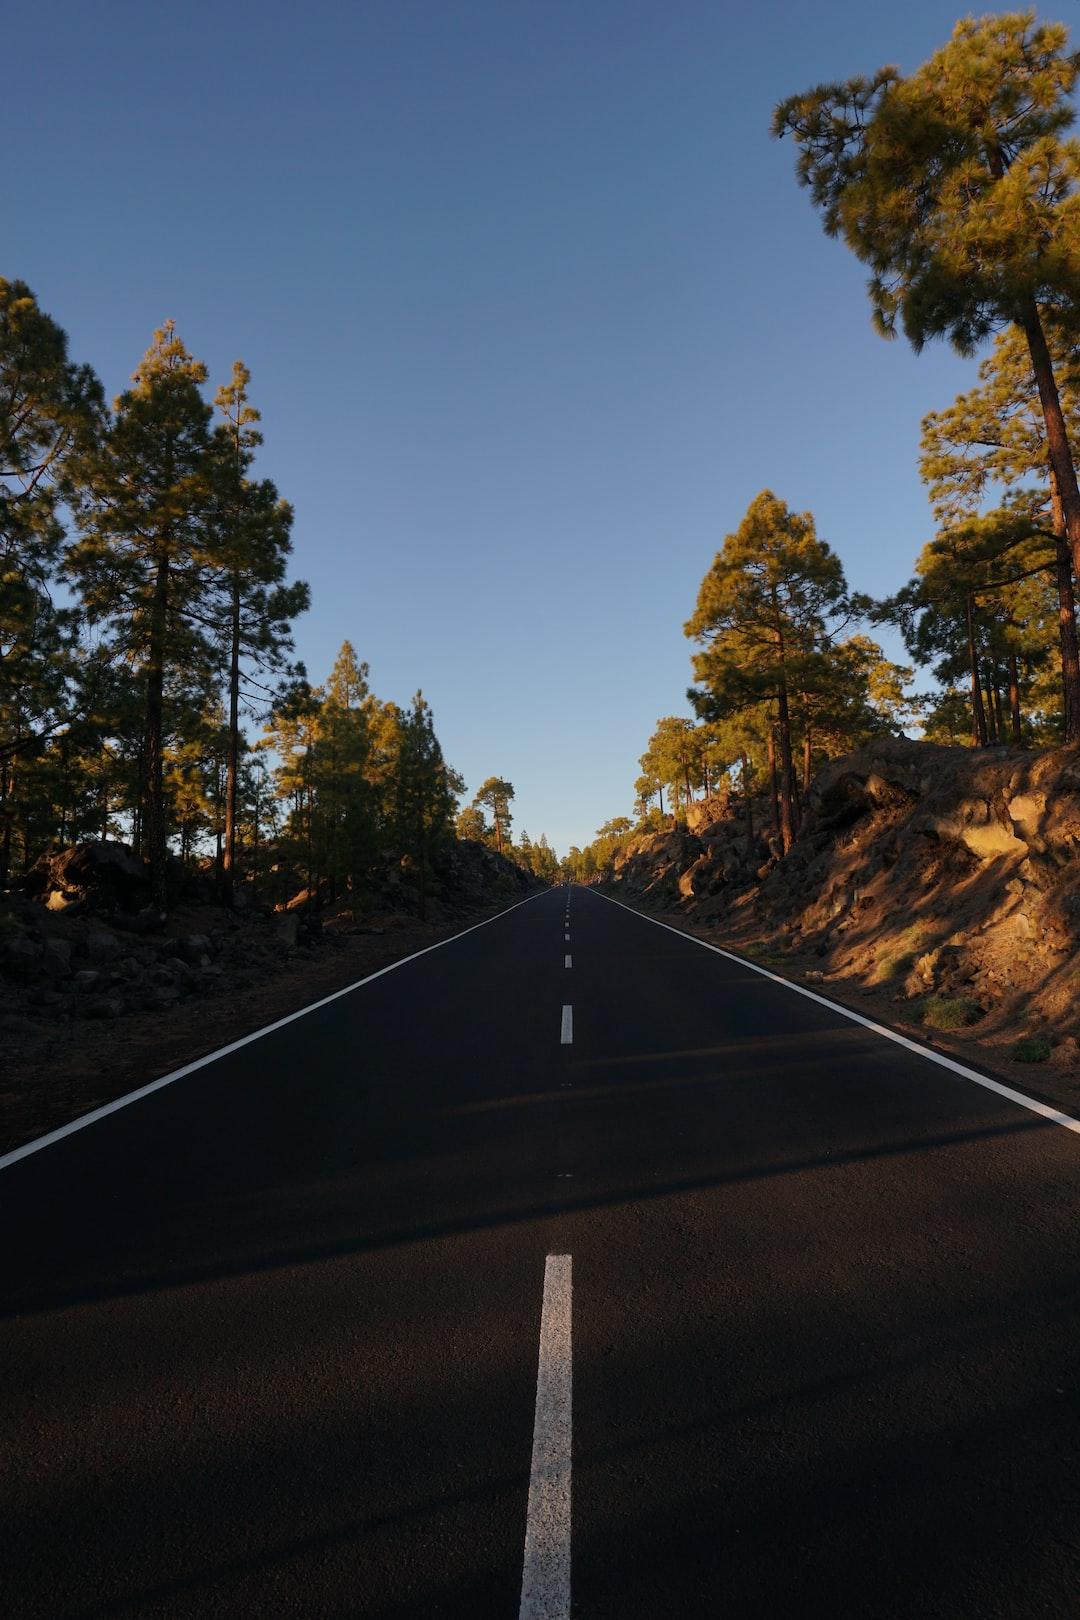 La vera casa dell'uomo non è una casa, è la strada. La vita stessa è un viaggio da fare a piedi. (Bruce Chatwin)